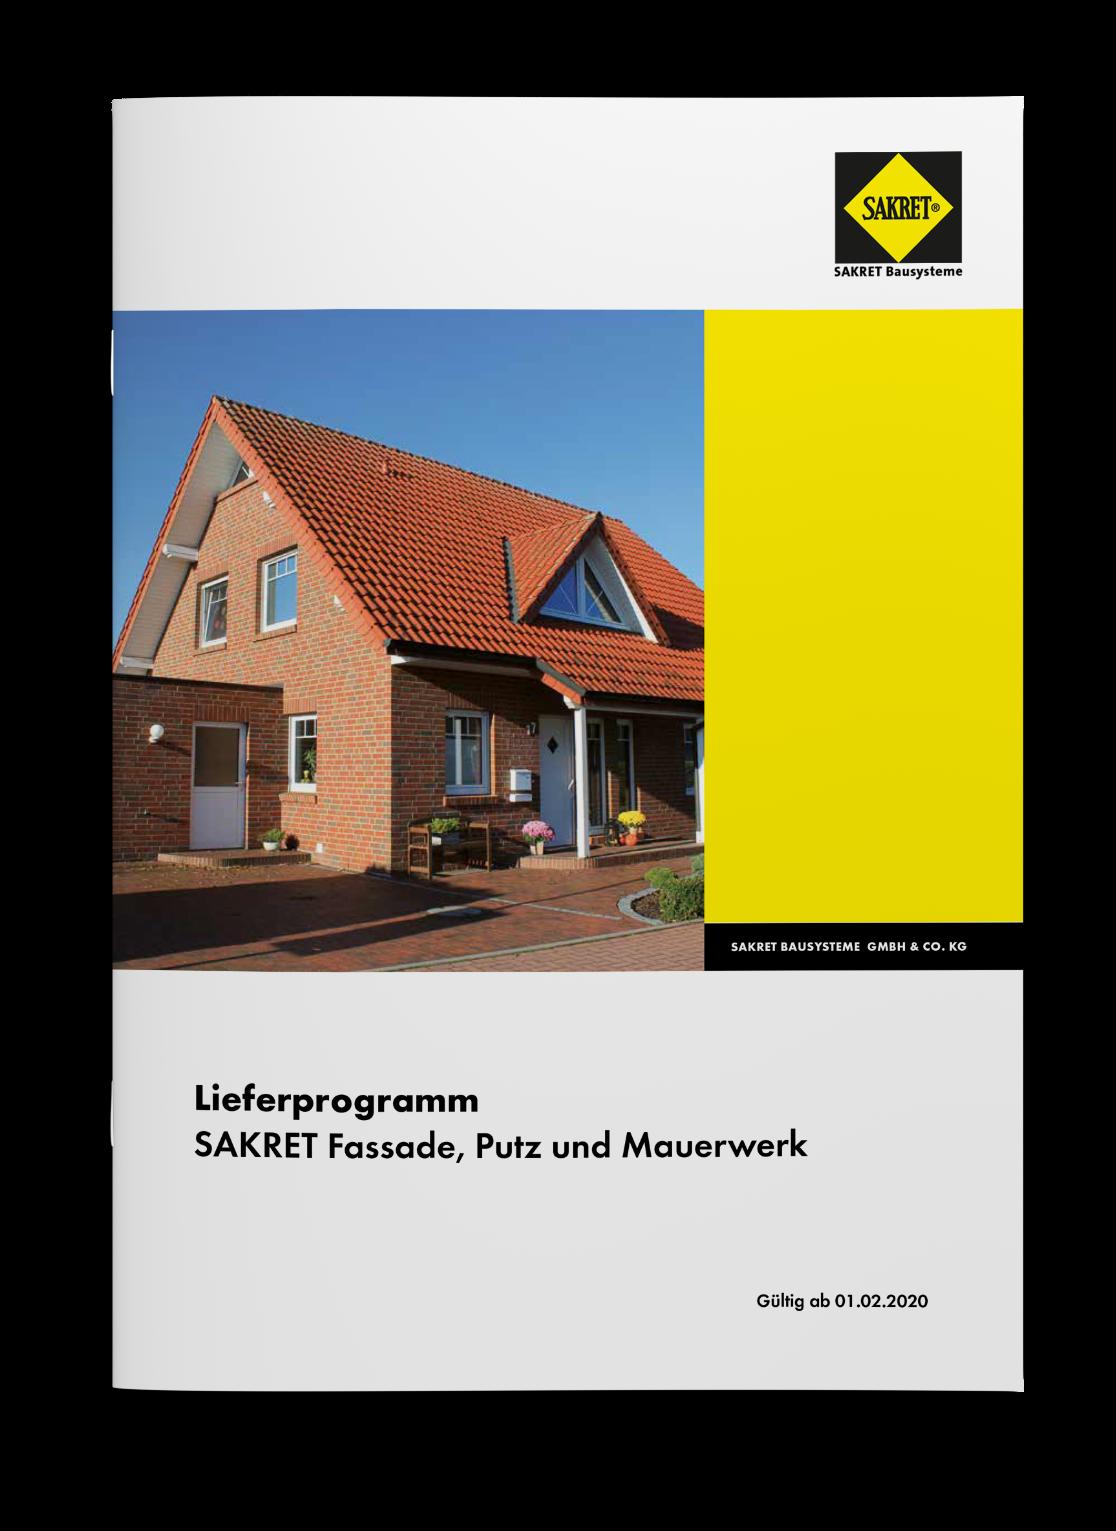 SAKRET Bausysteme Lieferprogramm Fassade, Putz und Mauerwerk 2020